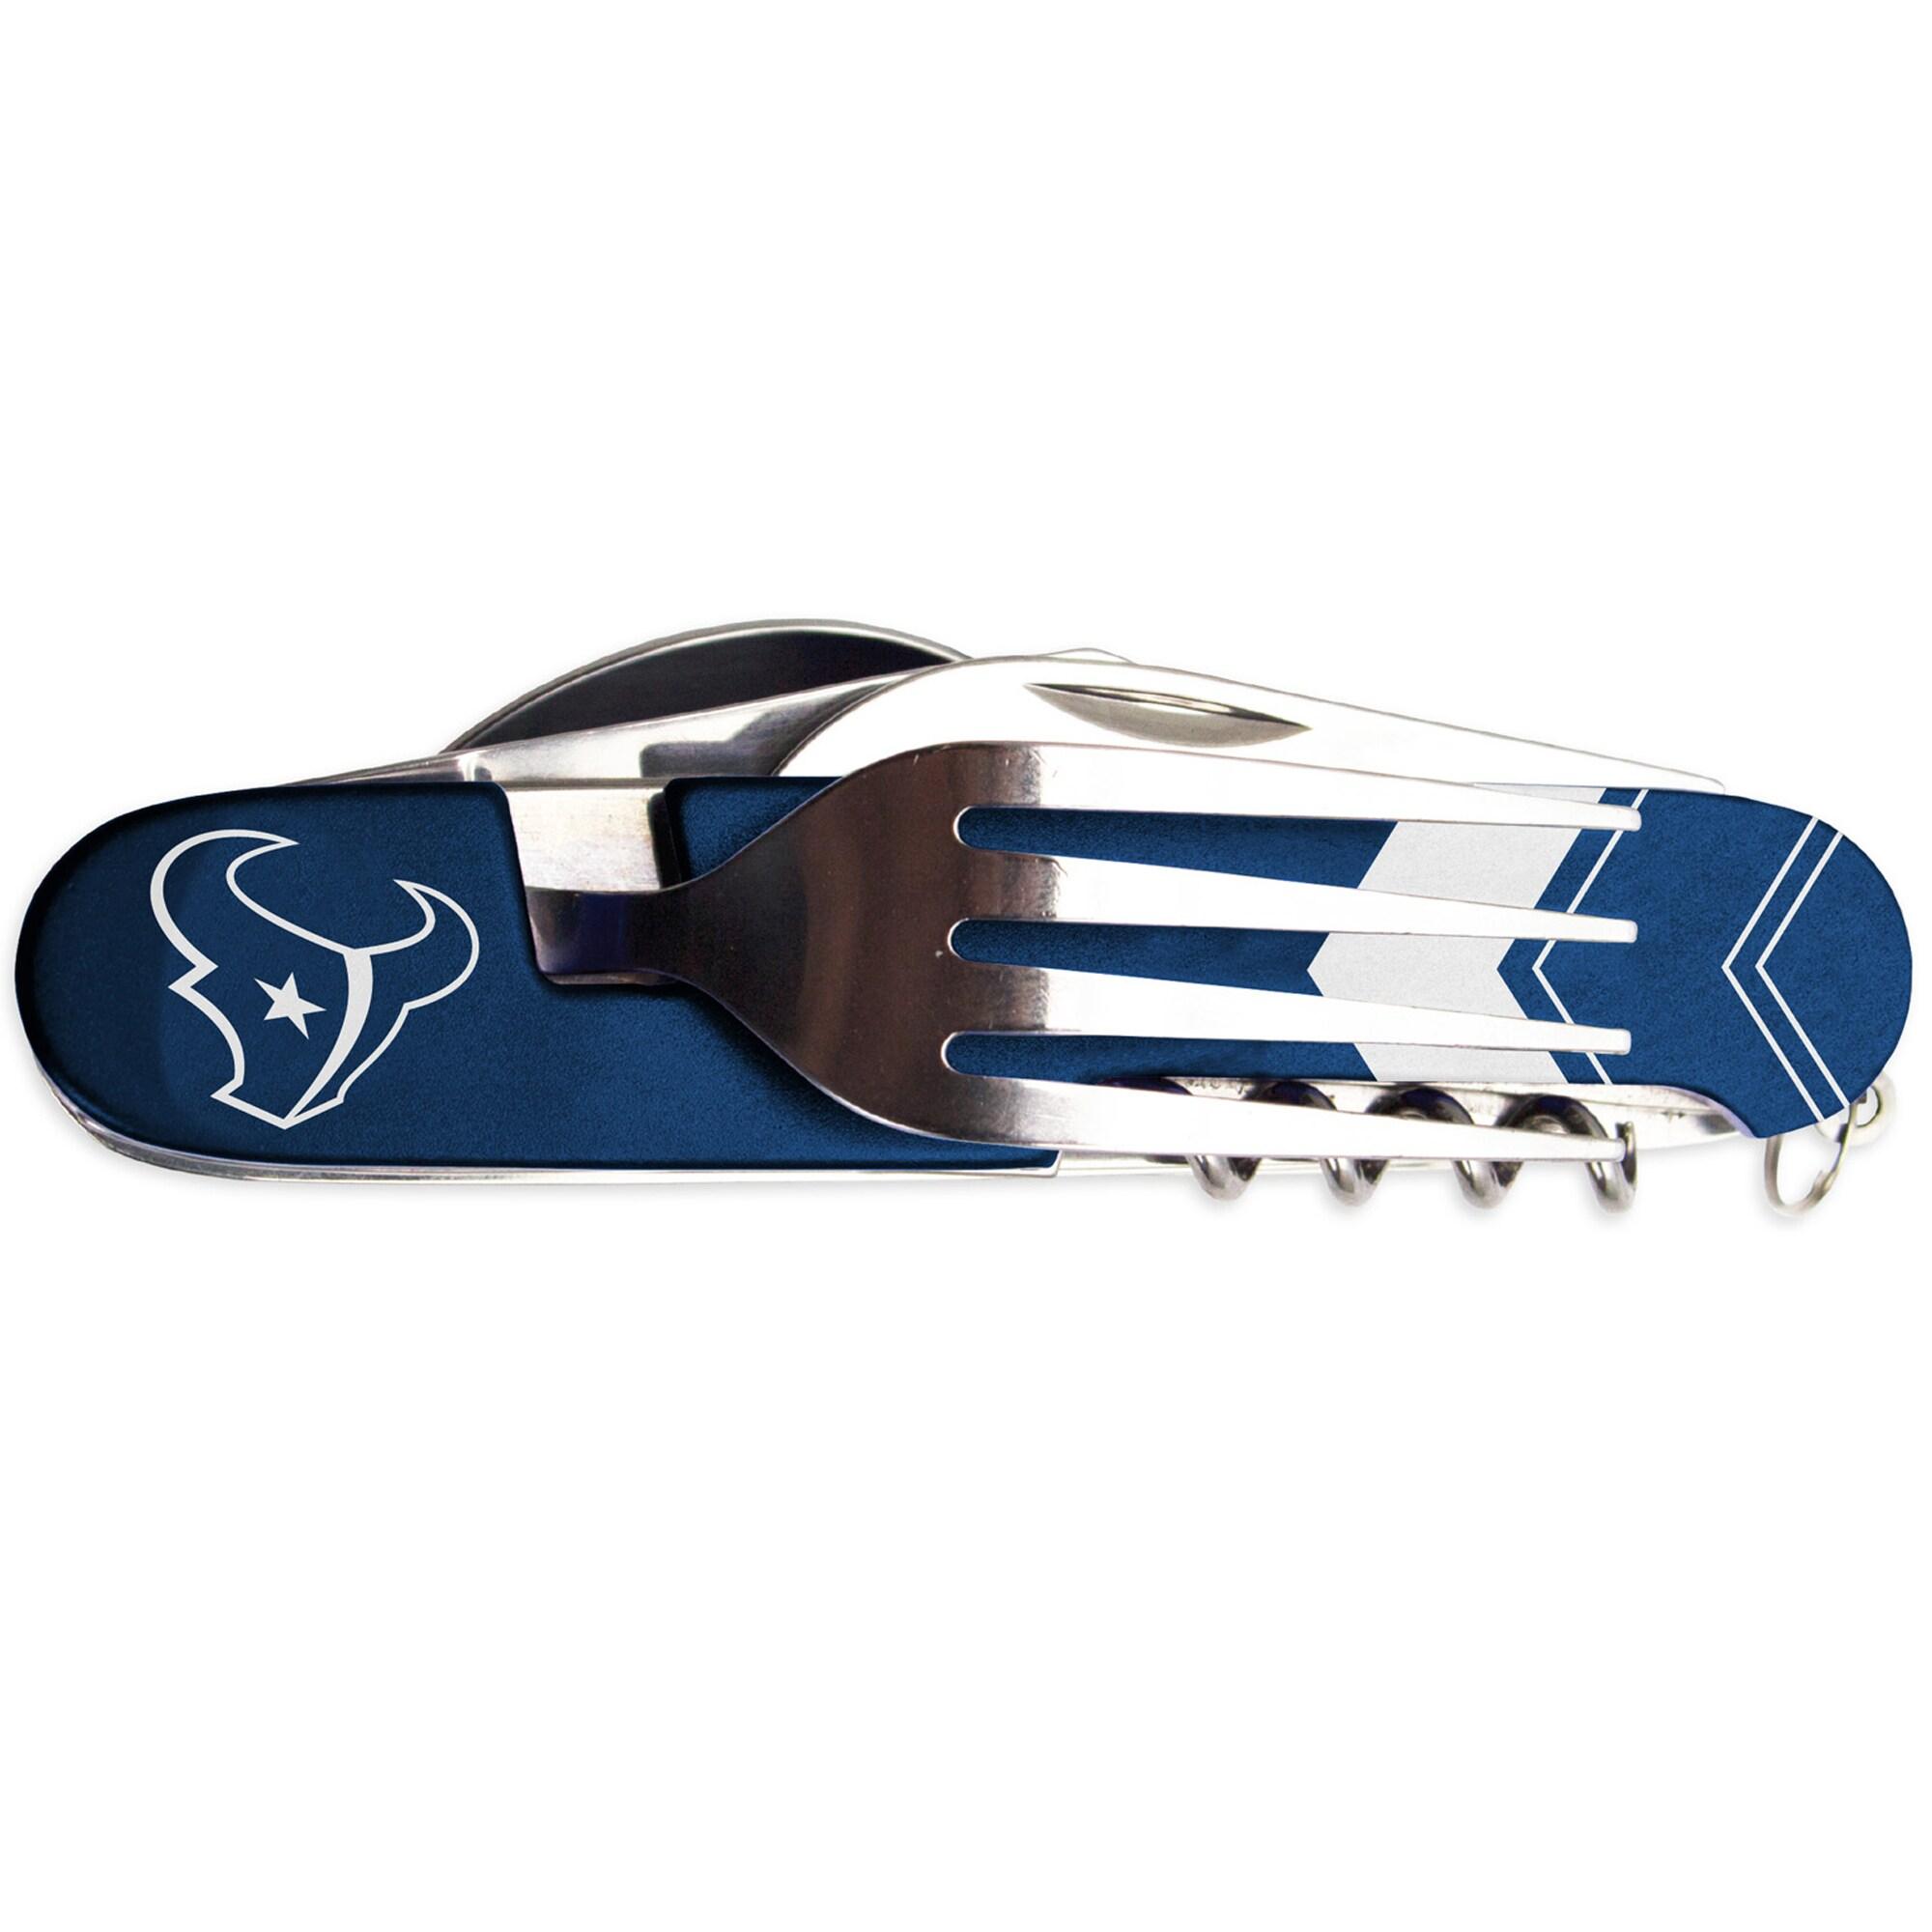 Houston Texans Utensil Multi-Tool - Blue